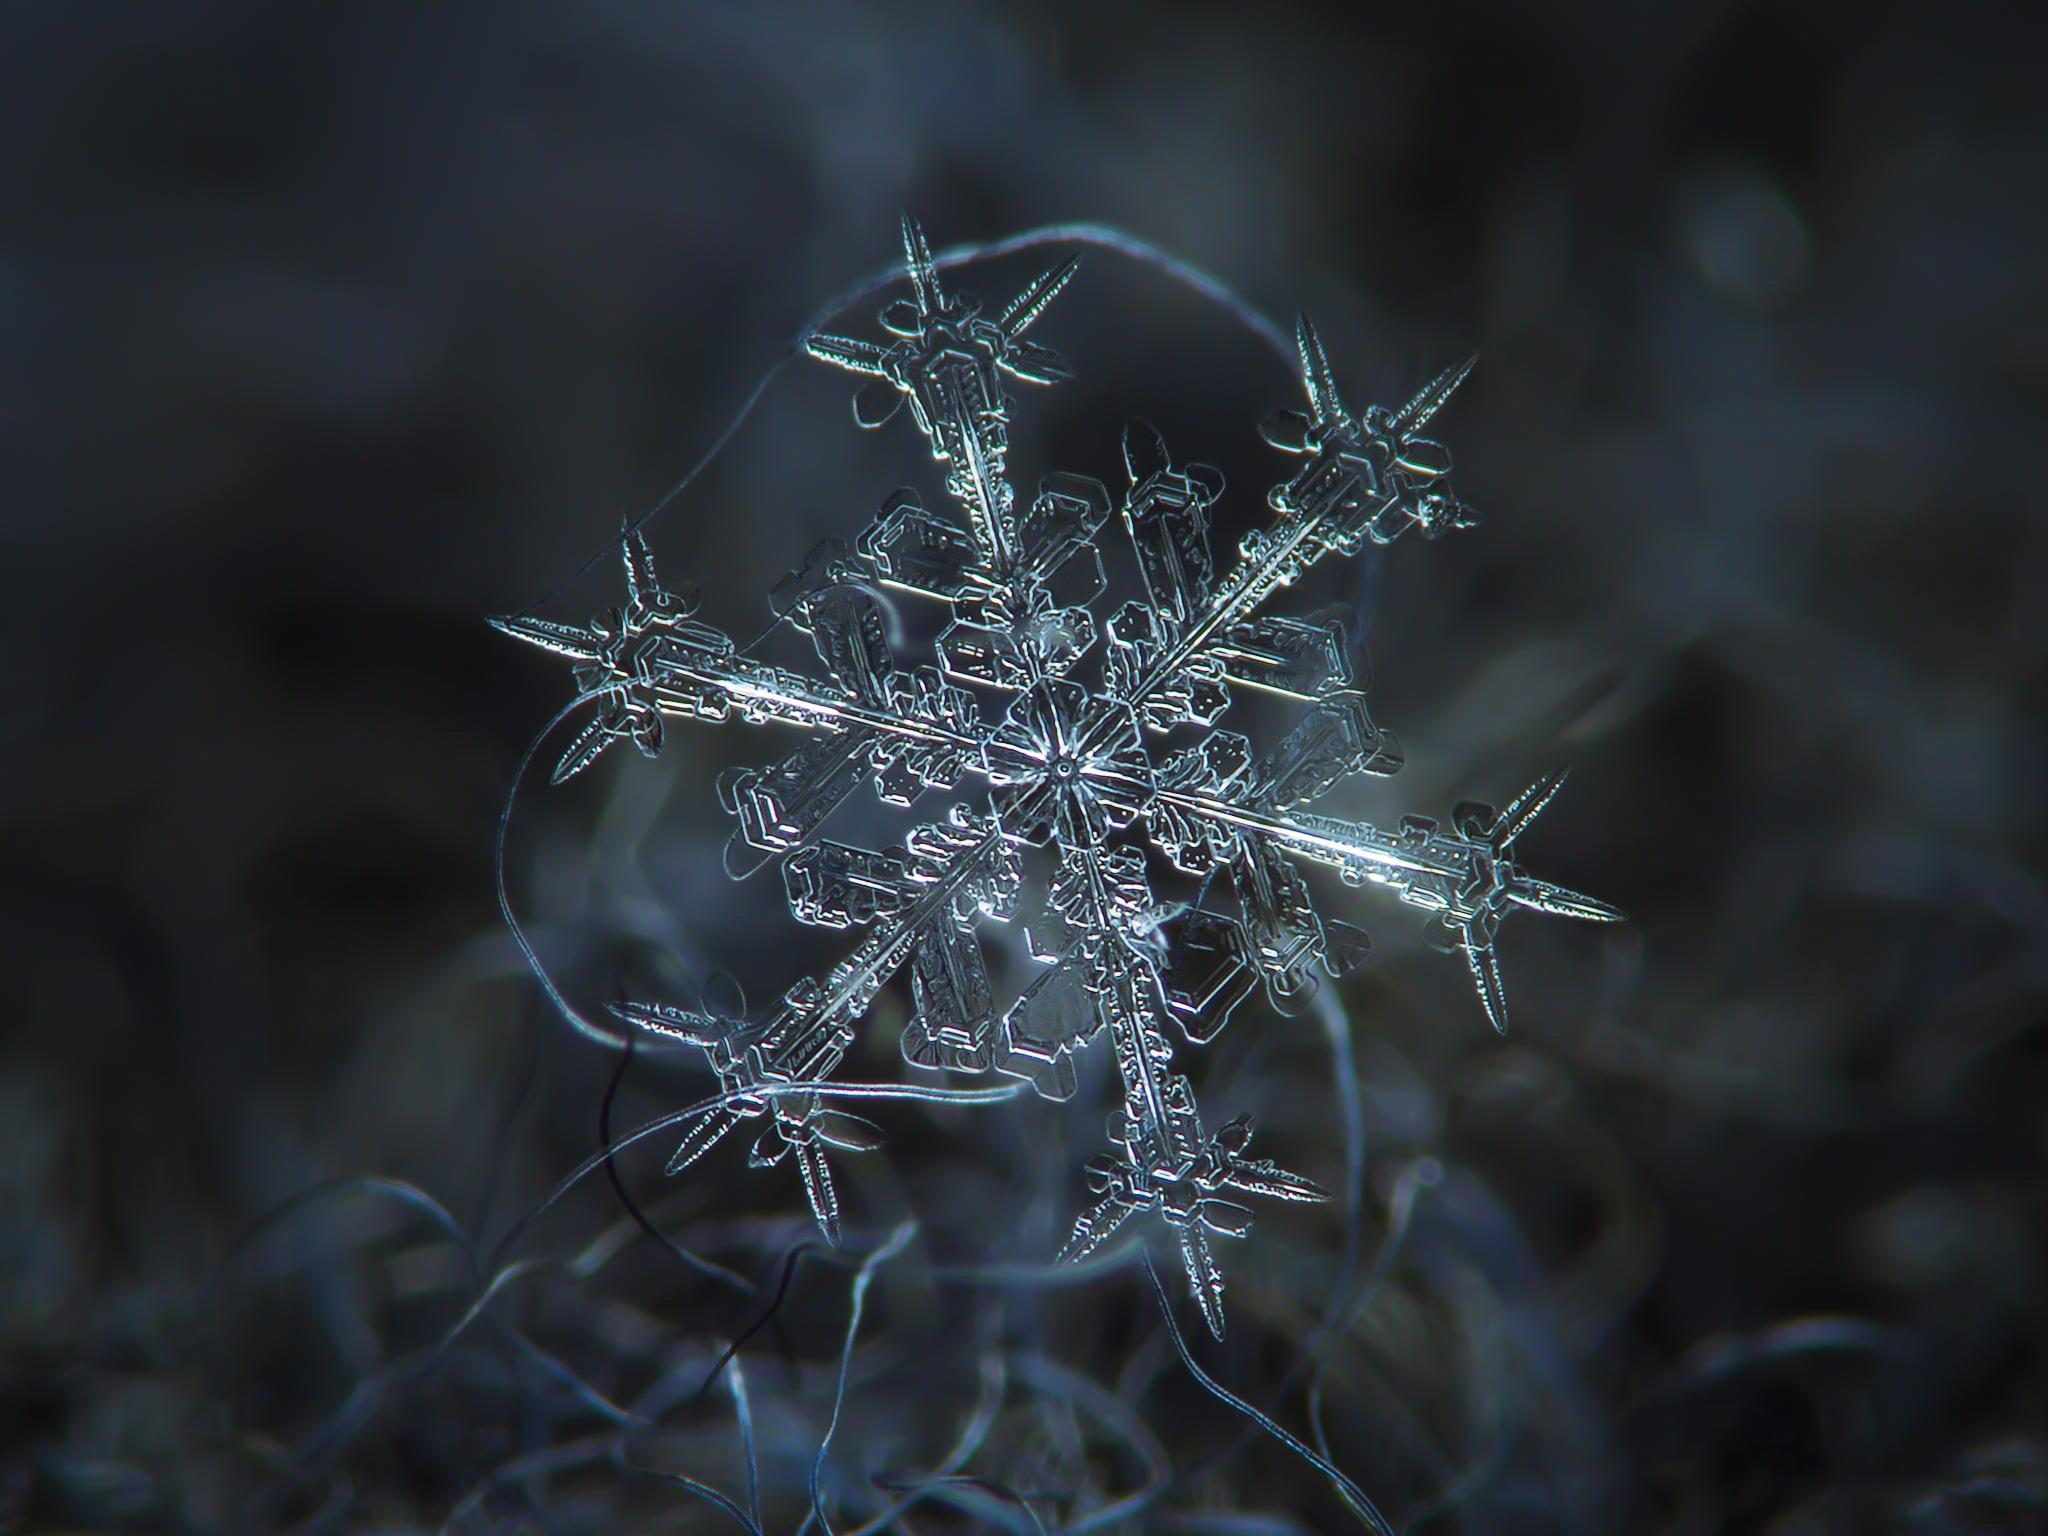 magnified-snowflakes-alexey-kljatov-12